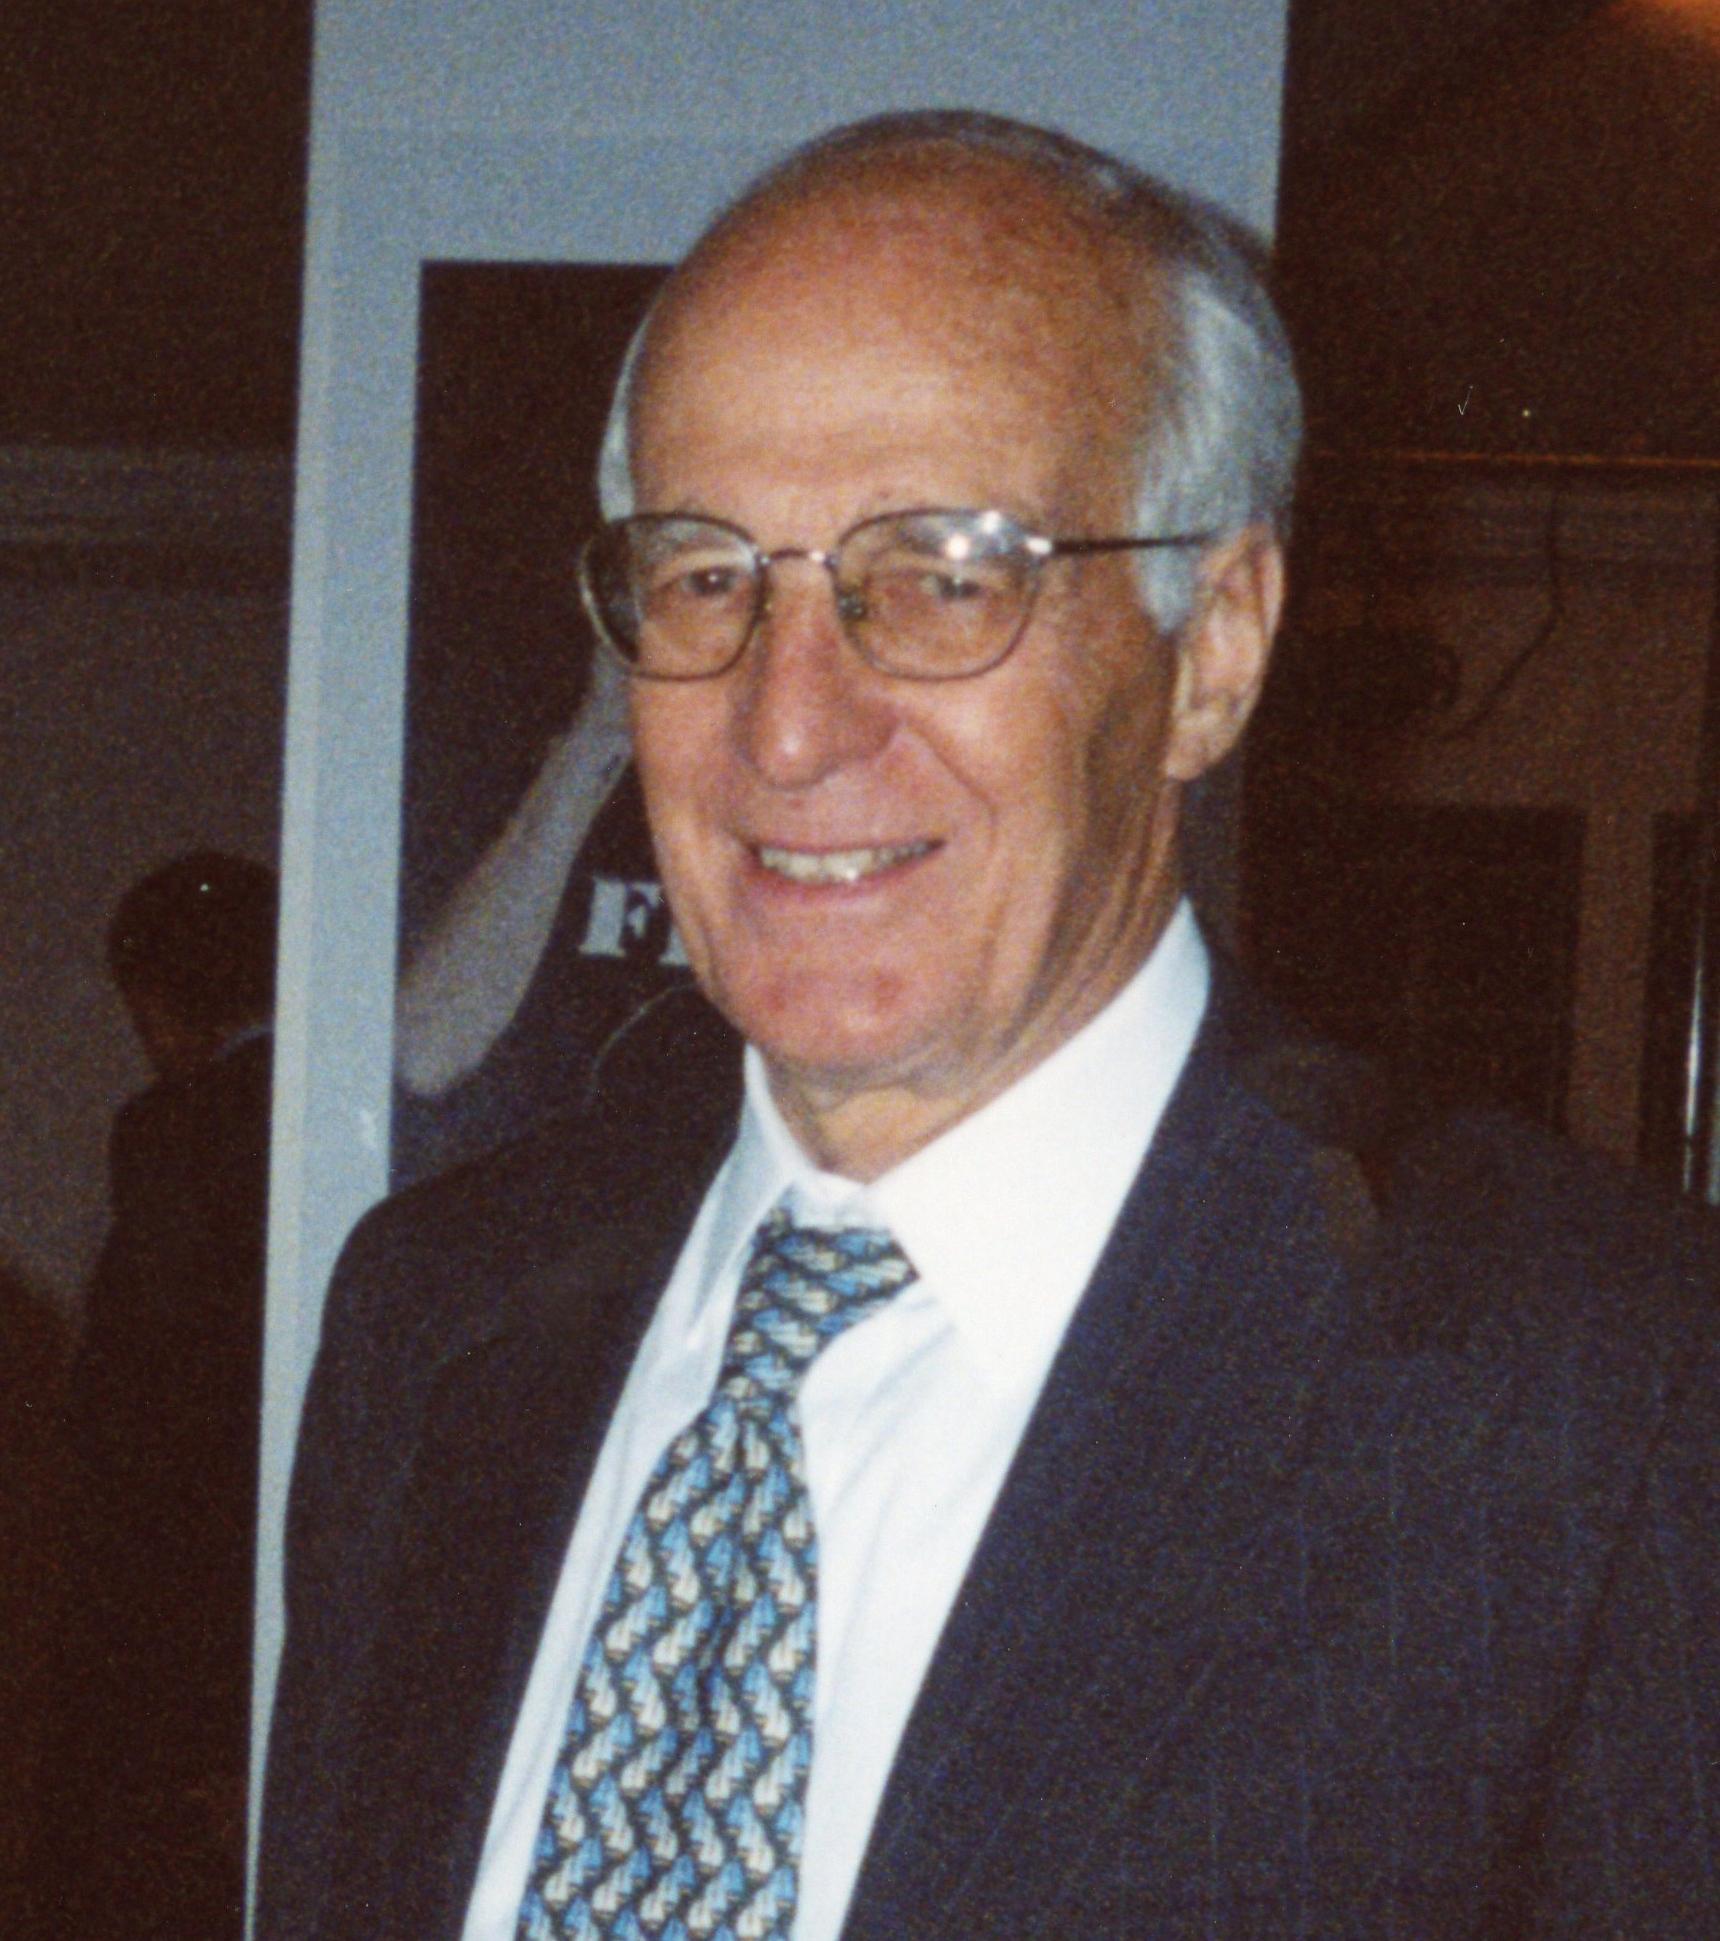 David Yaffa